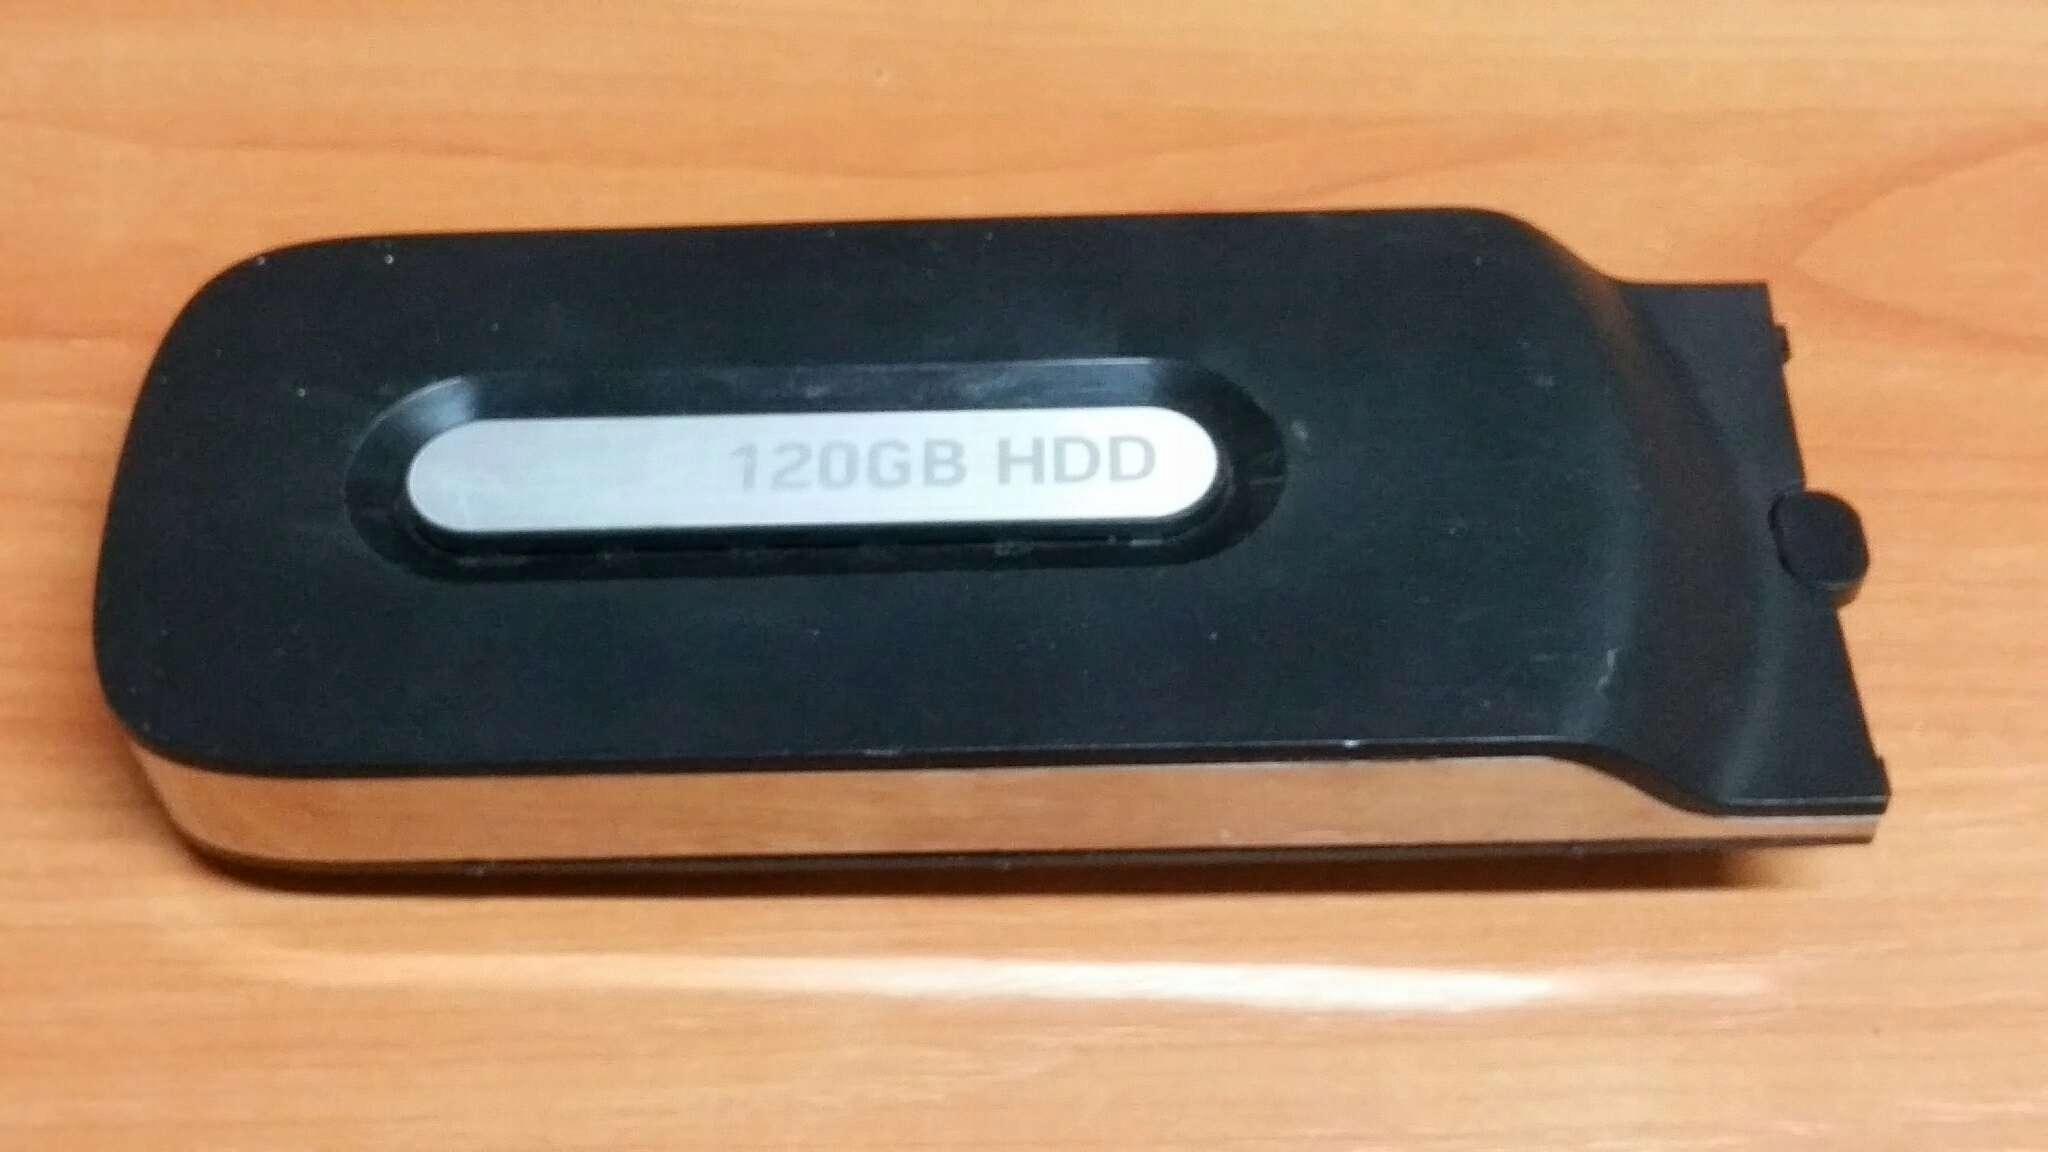 DYSK TWARDY XBOX 360 FAT 120GB - ORYGINAŁ